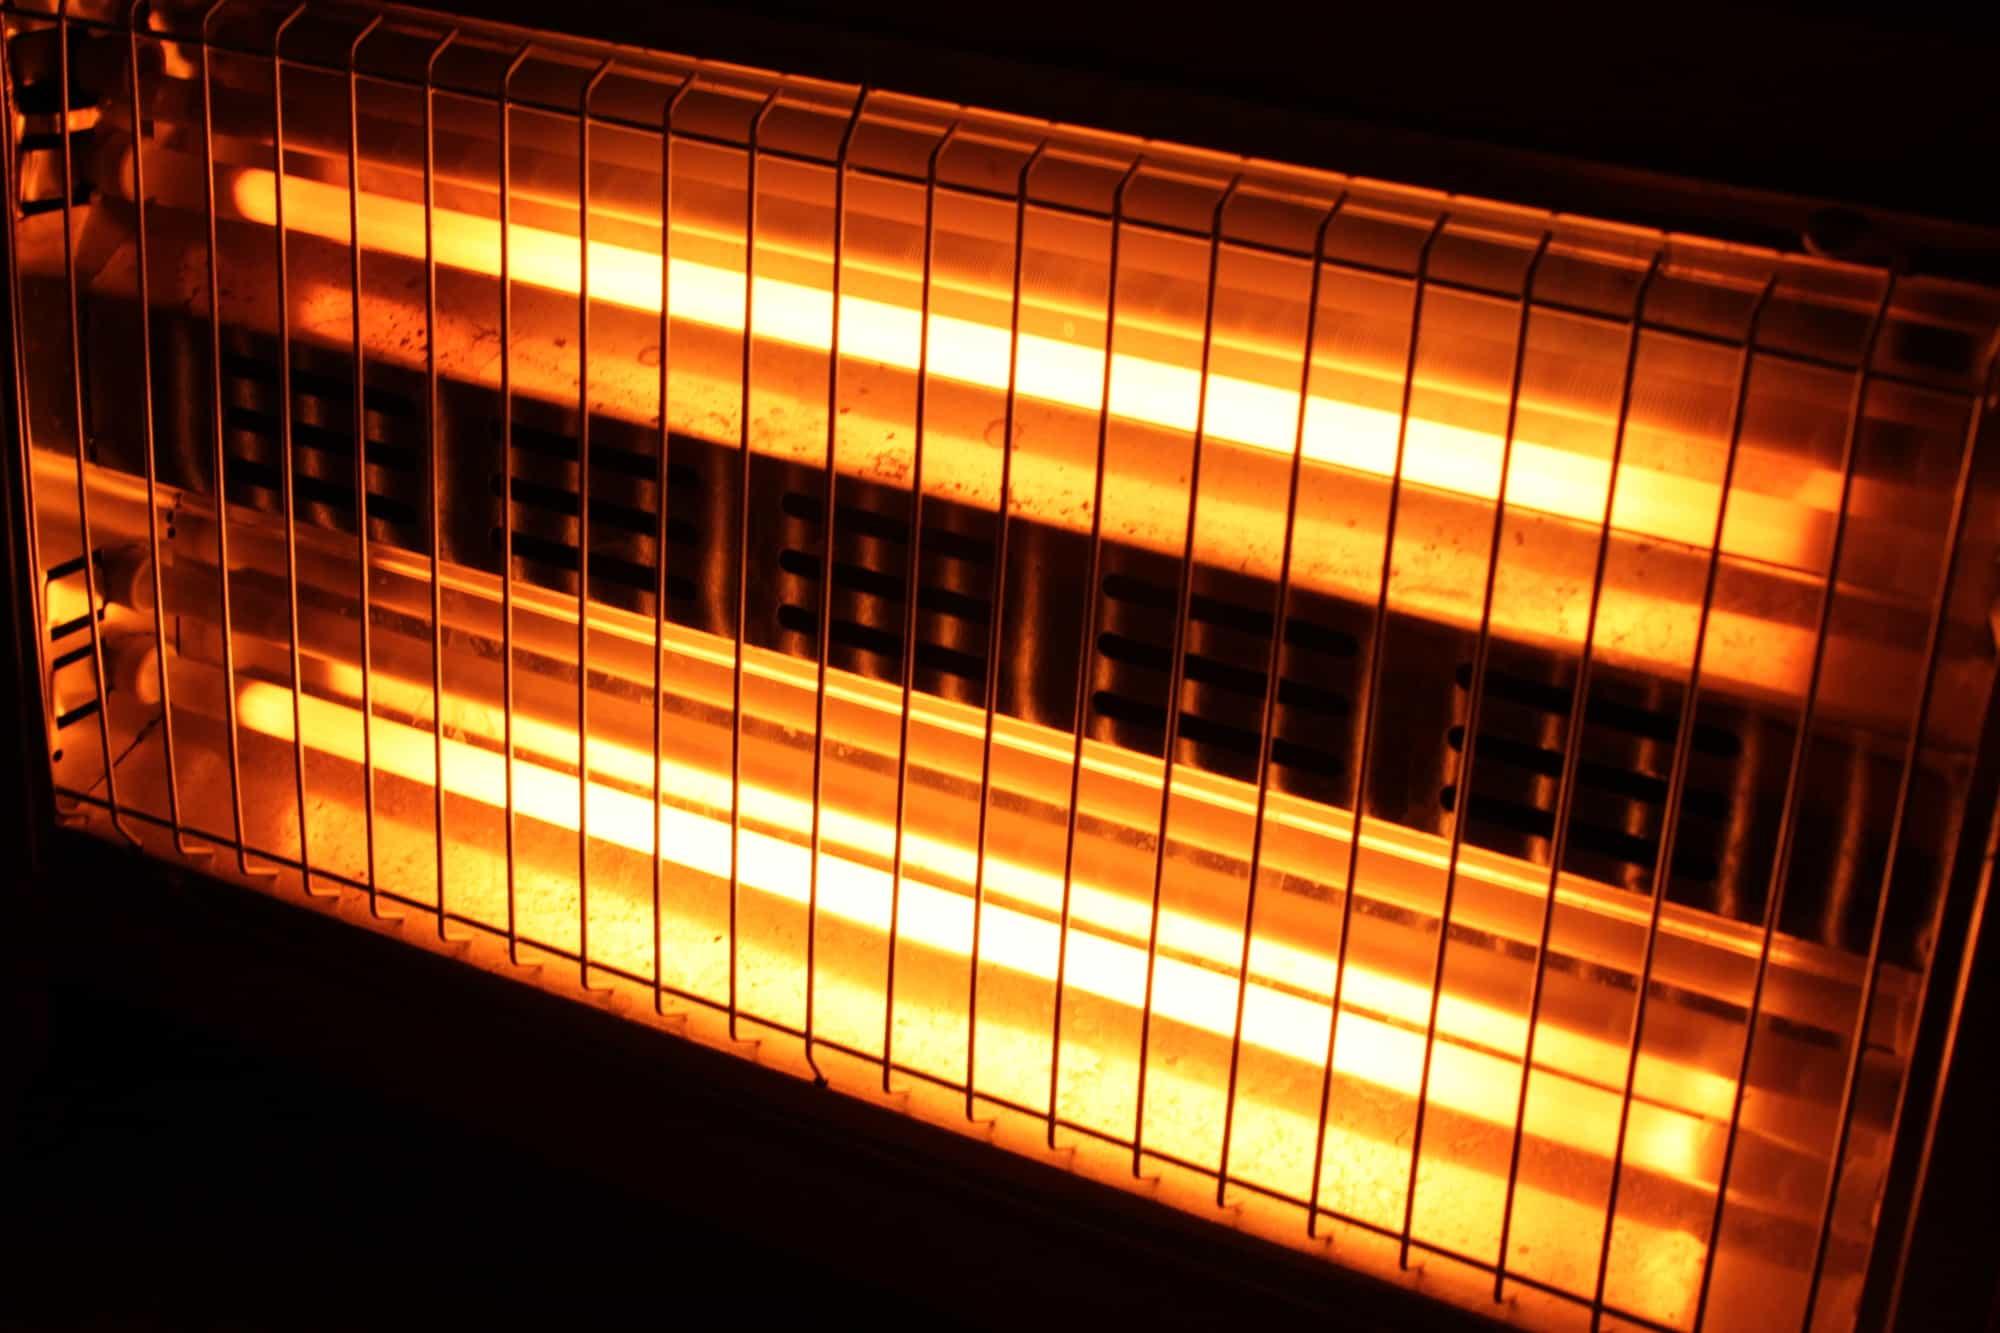 متداولترین مدل از انواع سیستم گرمایشی در خانه به ویژه در ایران و مناطق سردسیر بخاریهای گازی